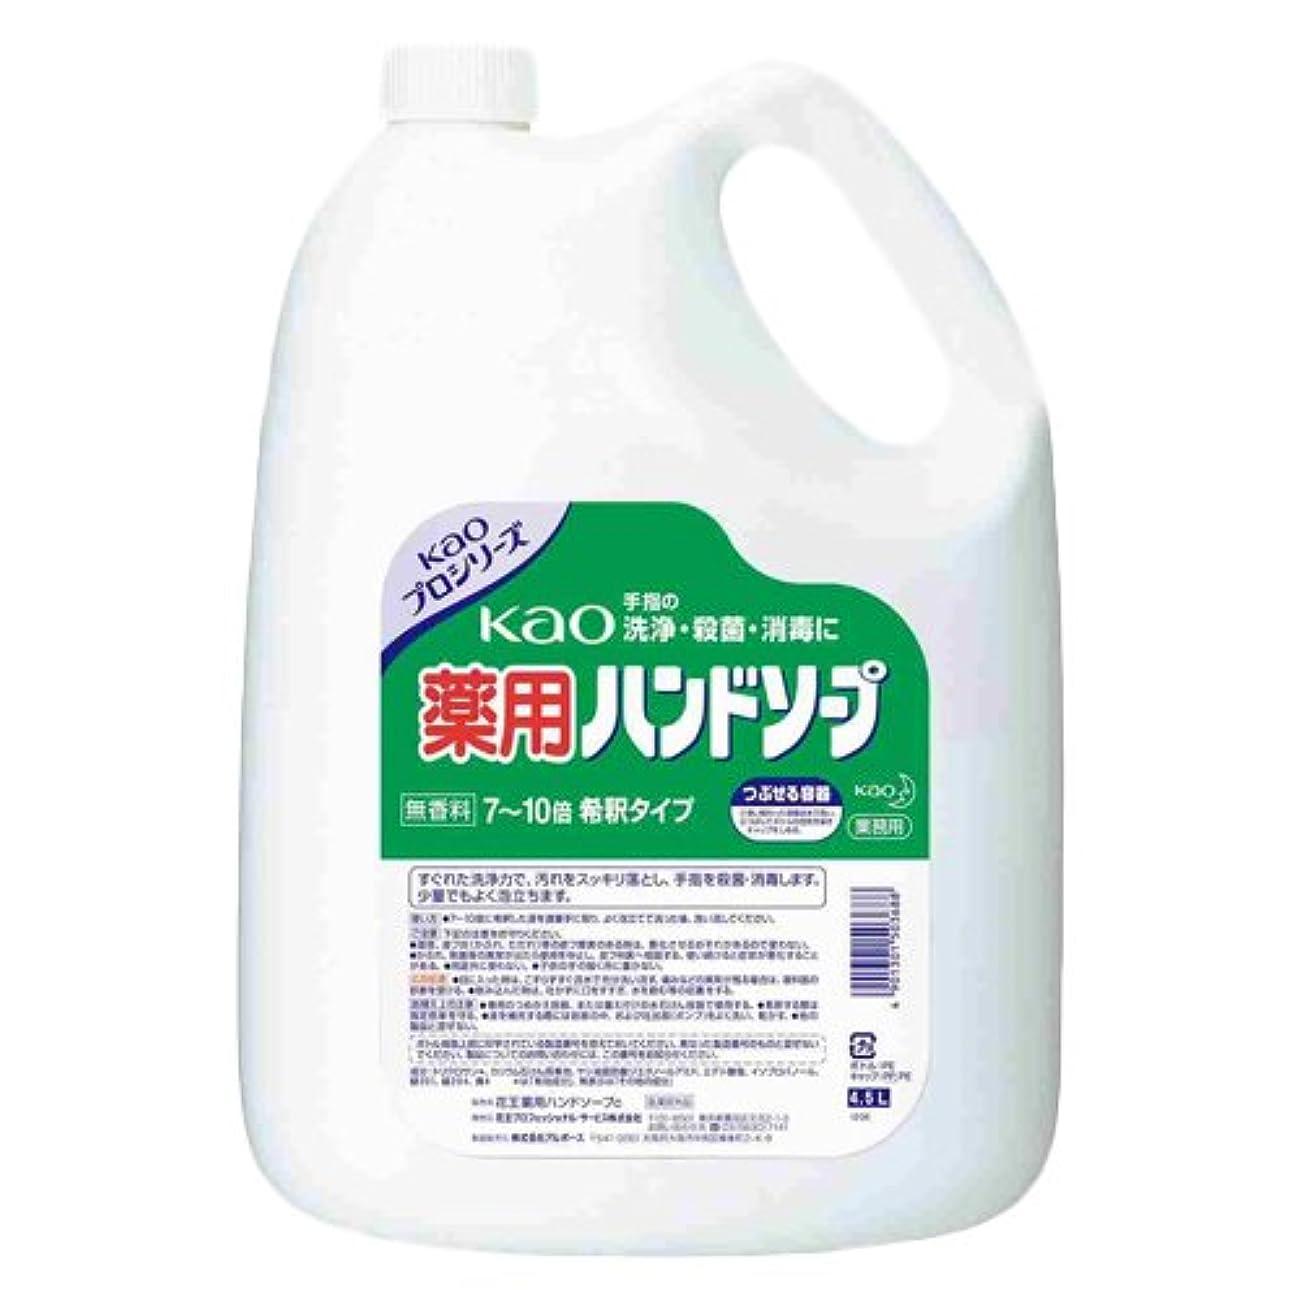 通訳素晴らしき当社Kao 薬用ハンドソープ 4.5L×3個